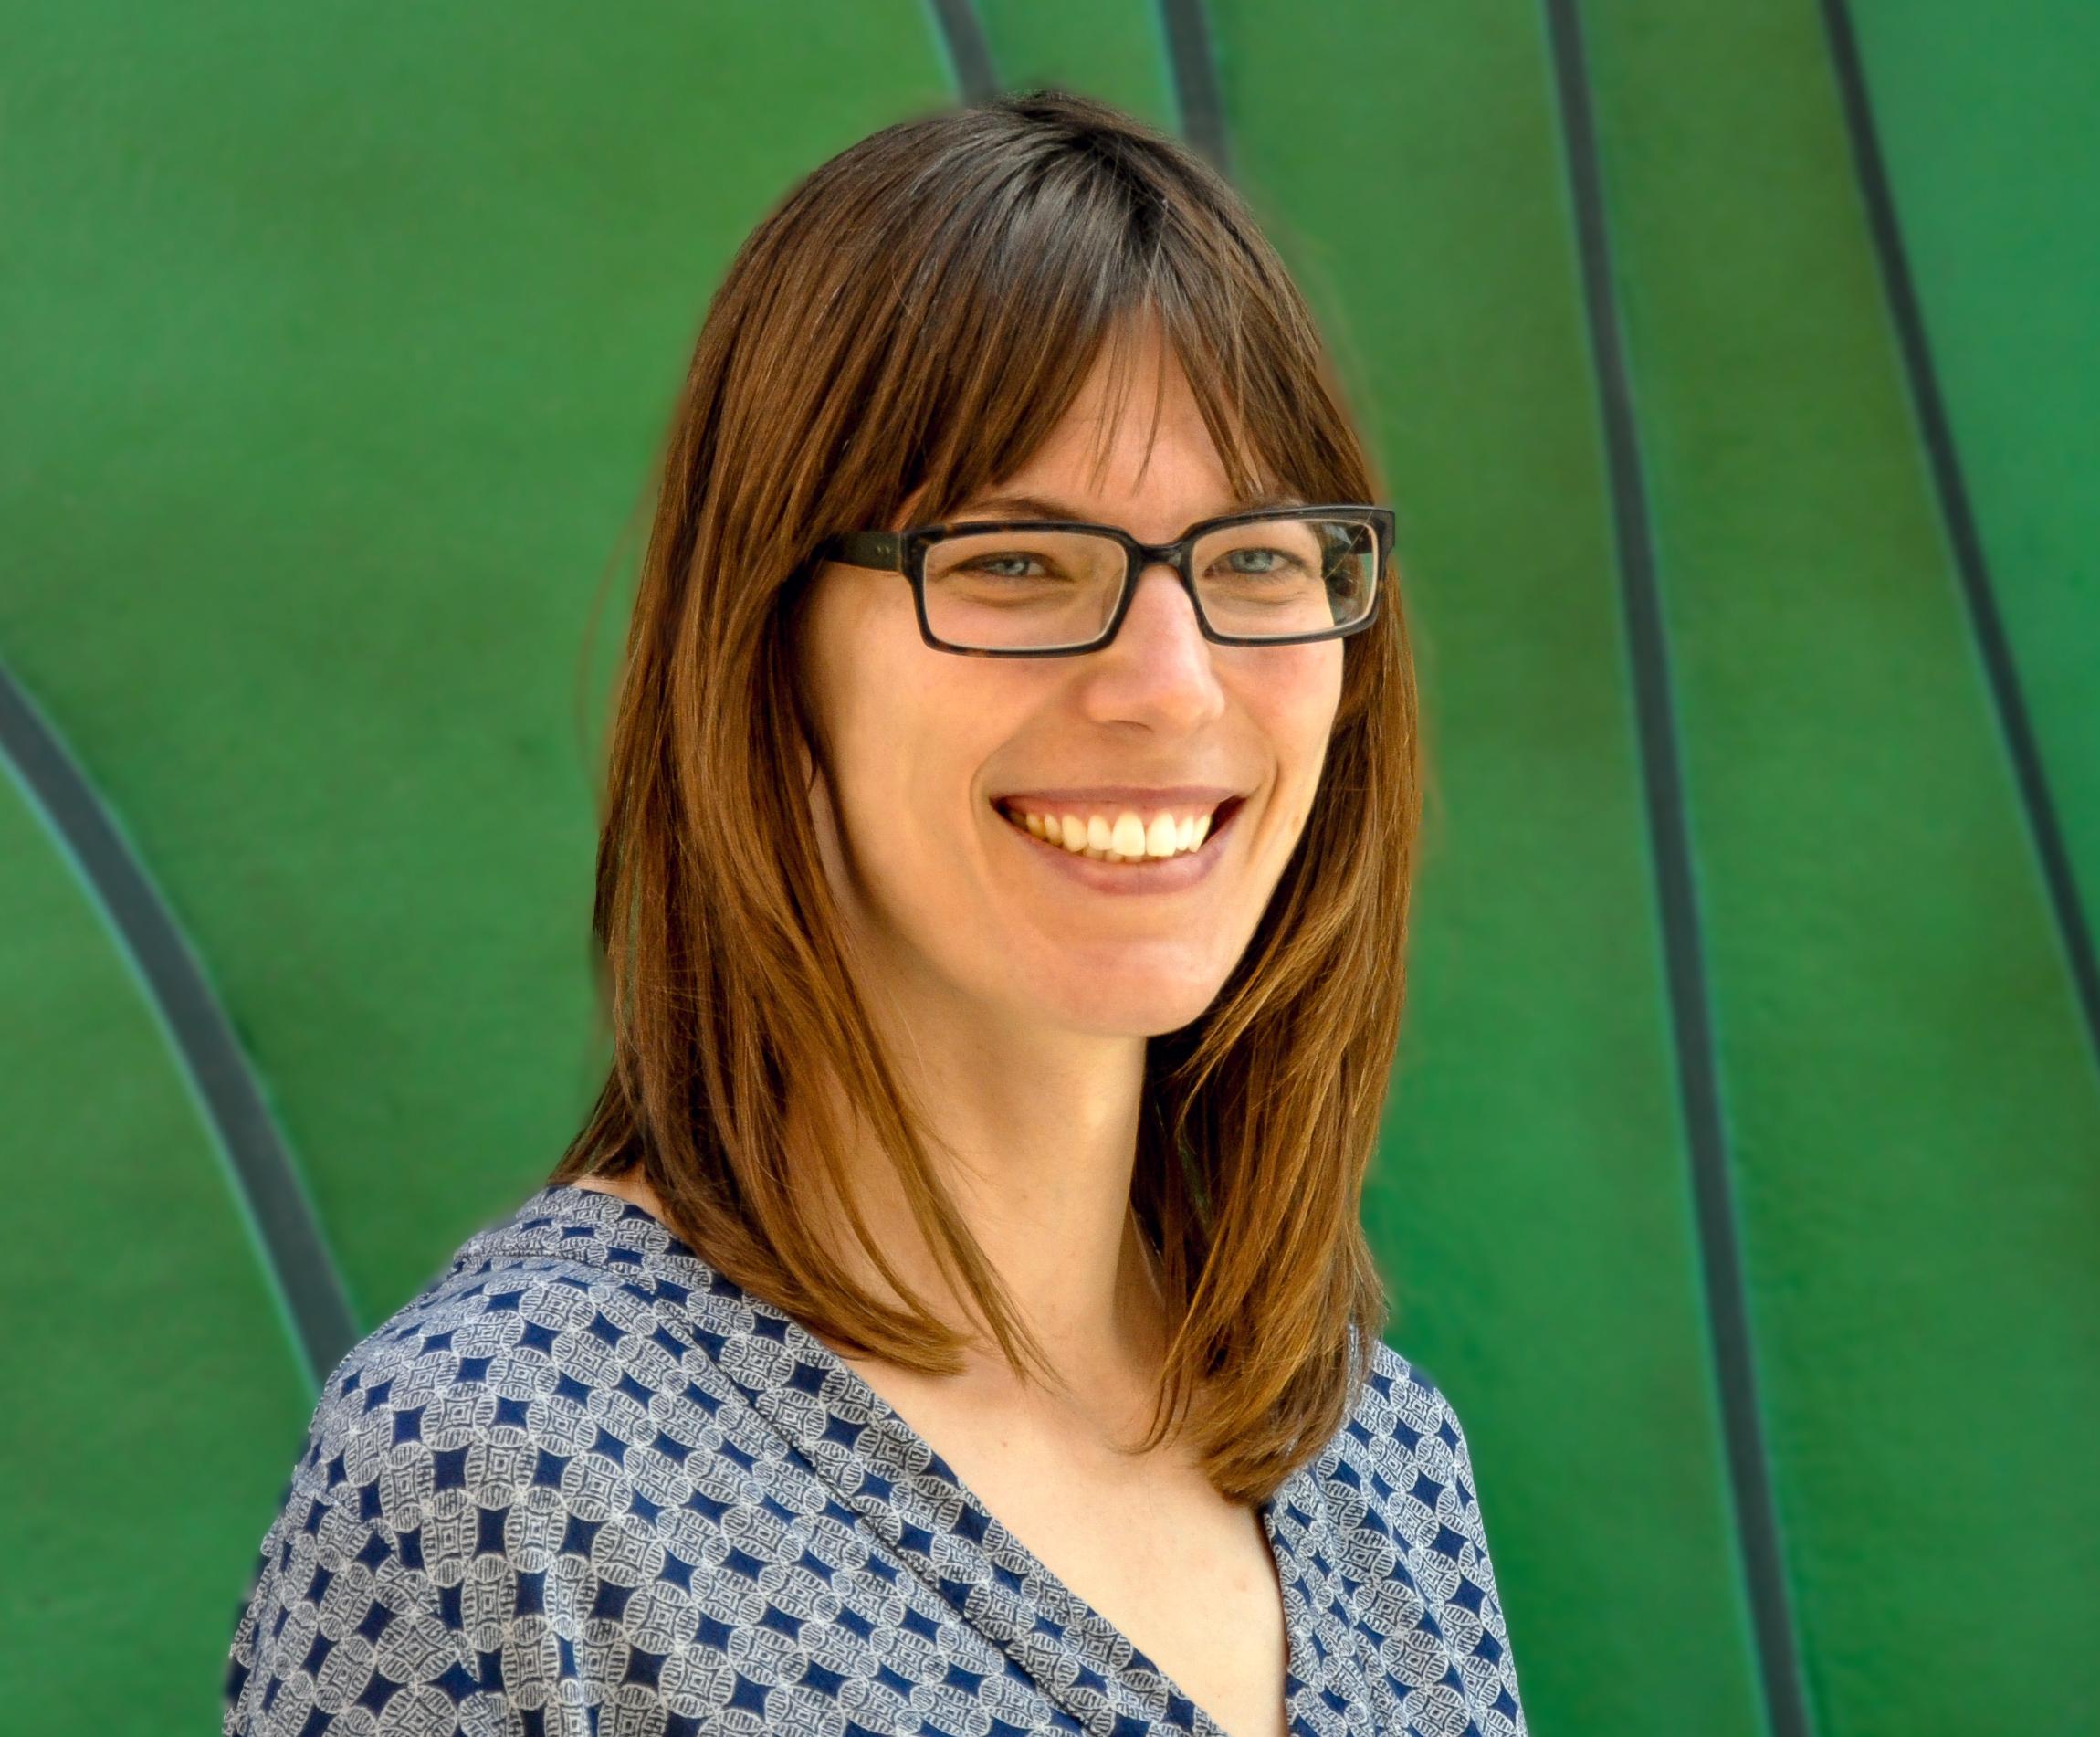 Beth Bokulich